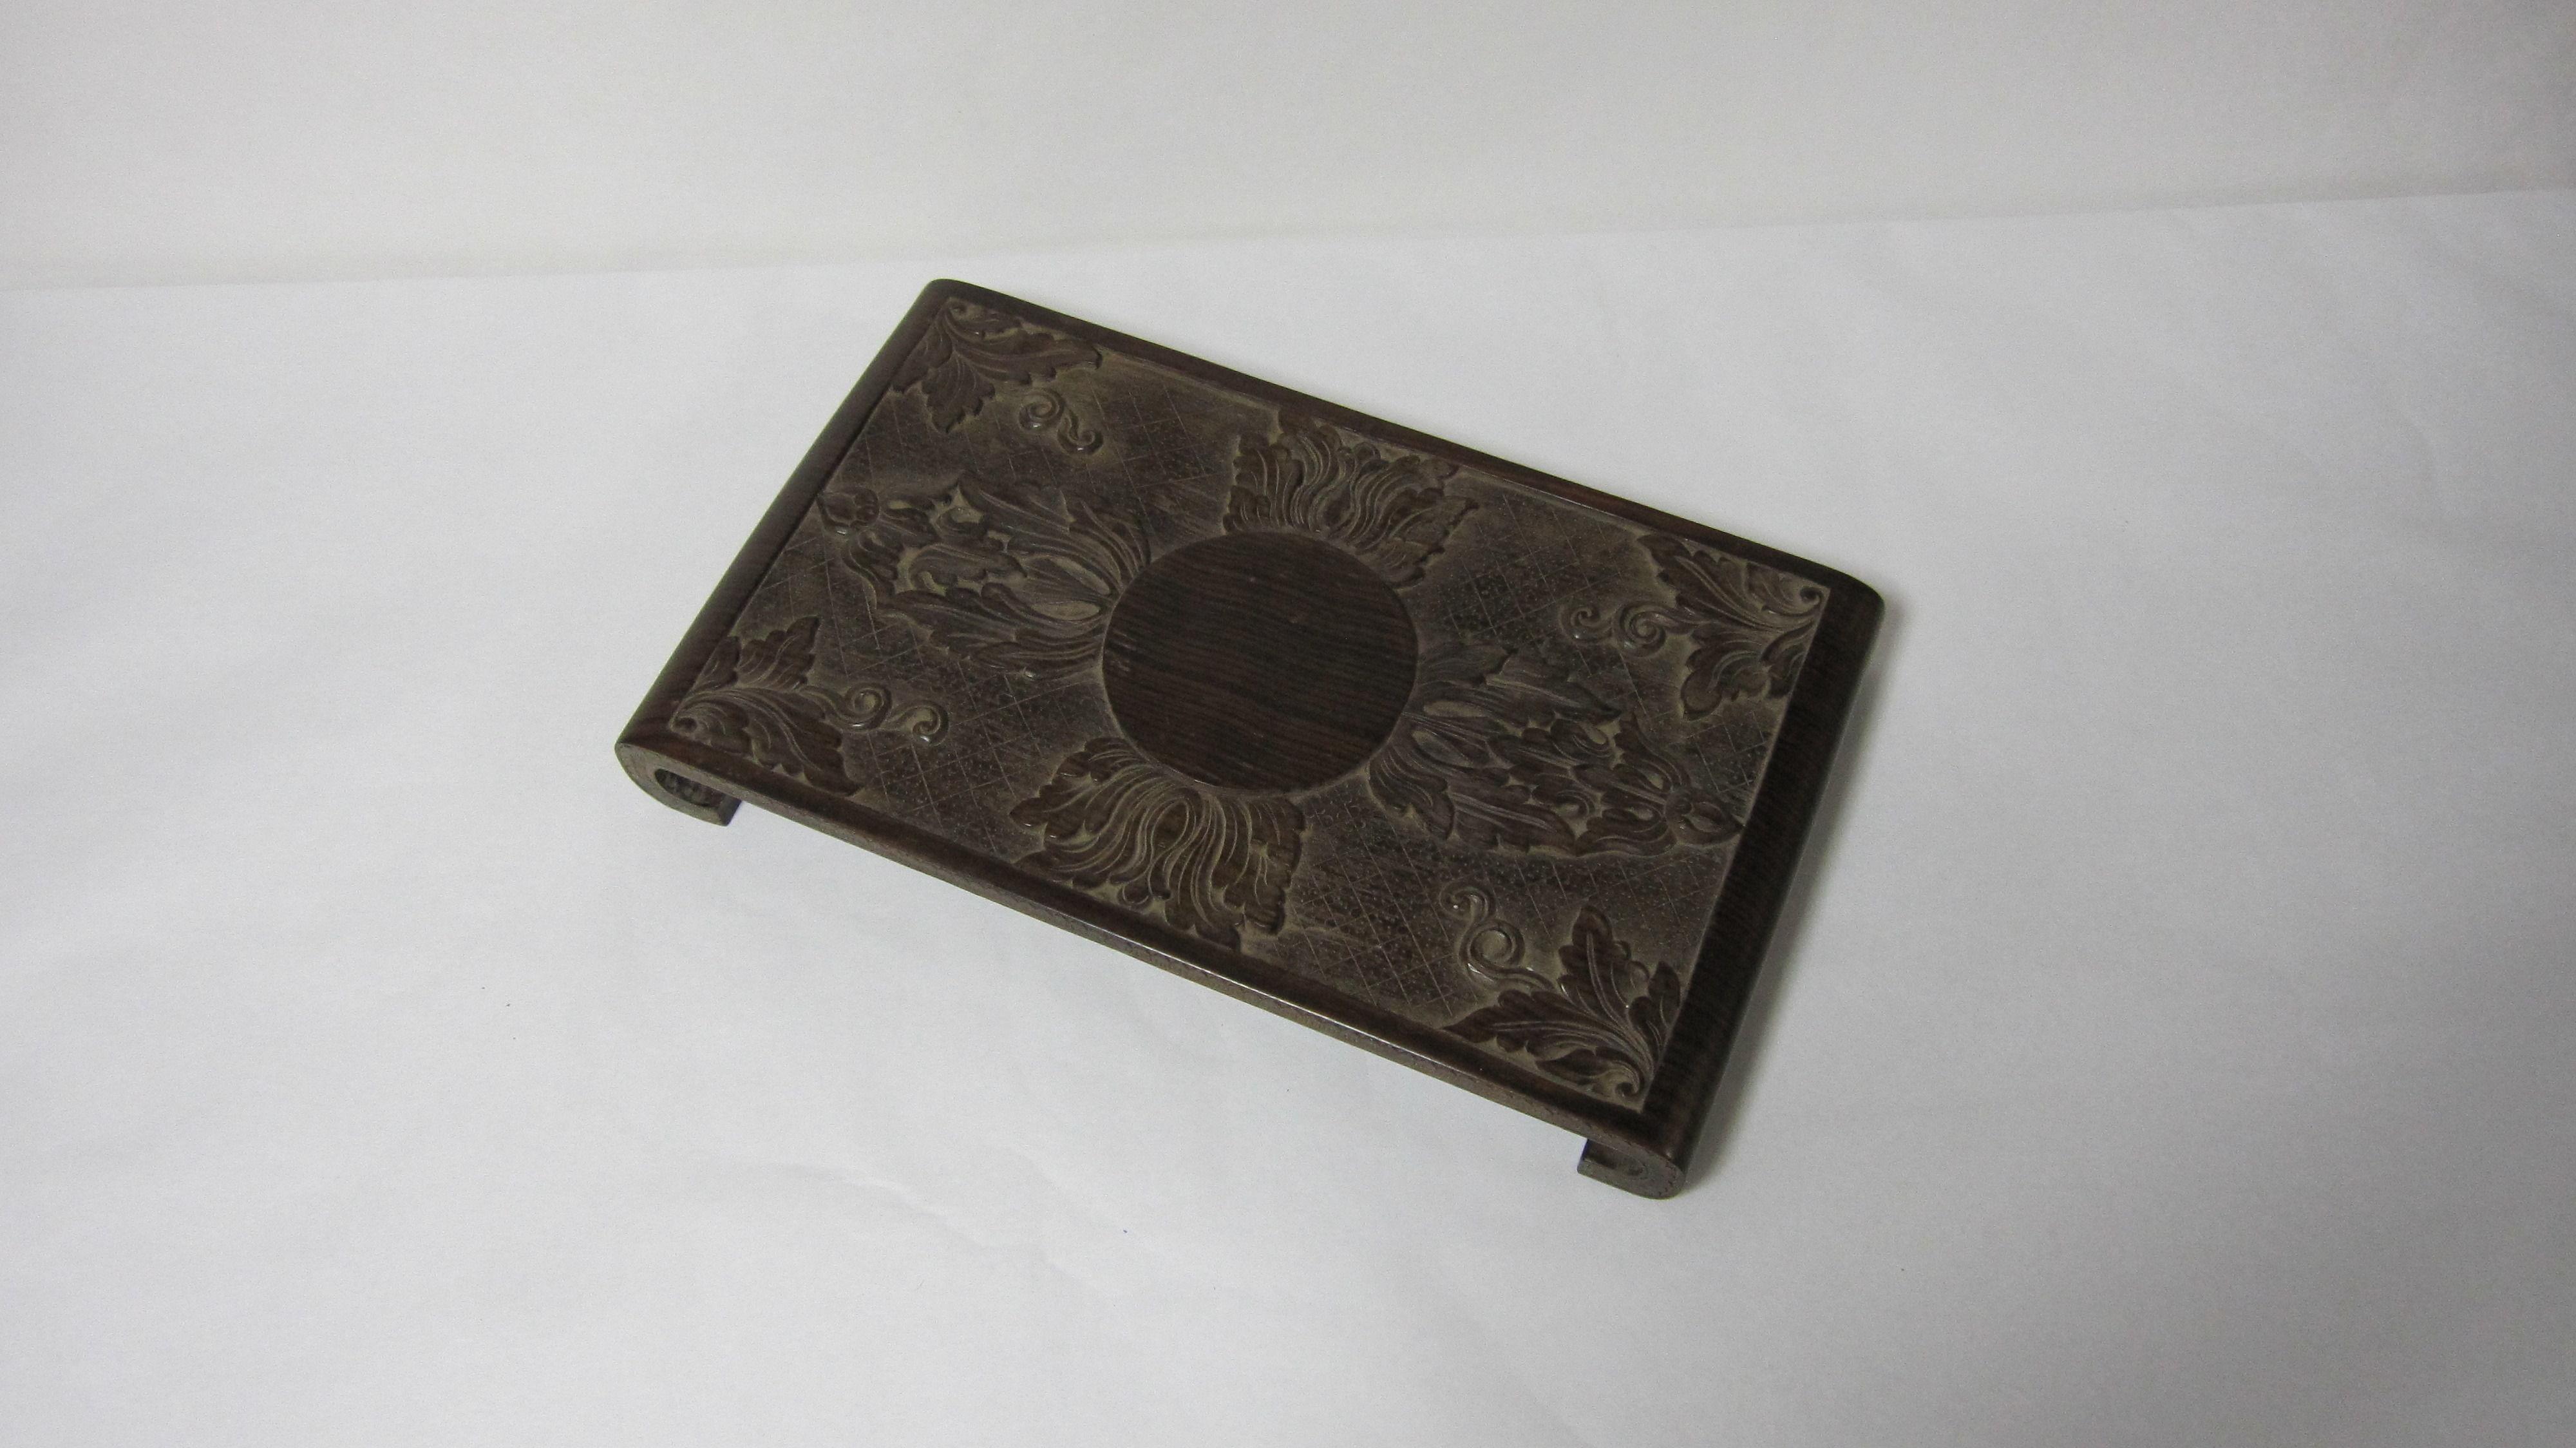 90.置物(黒檀材)            (幅40×奥行23.3×高さ4.8cm)